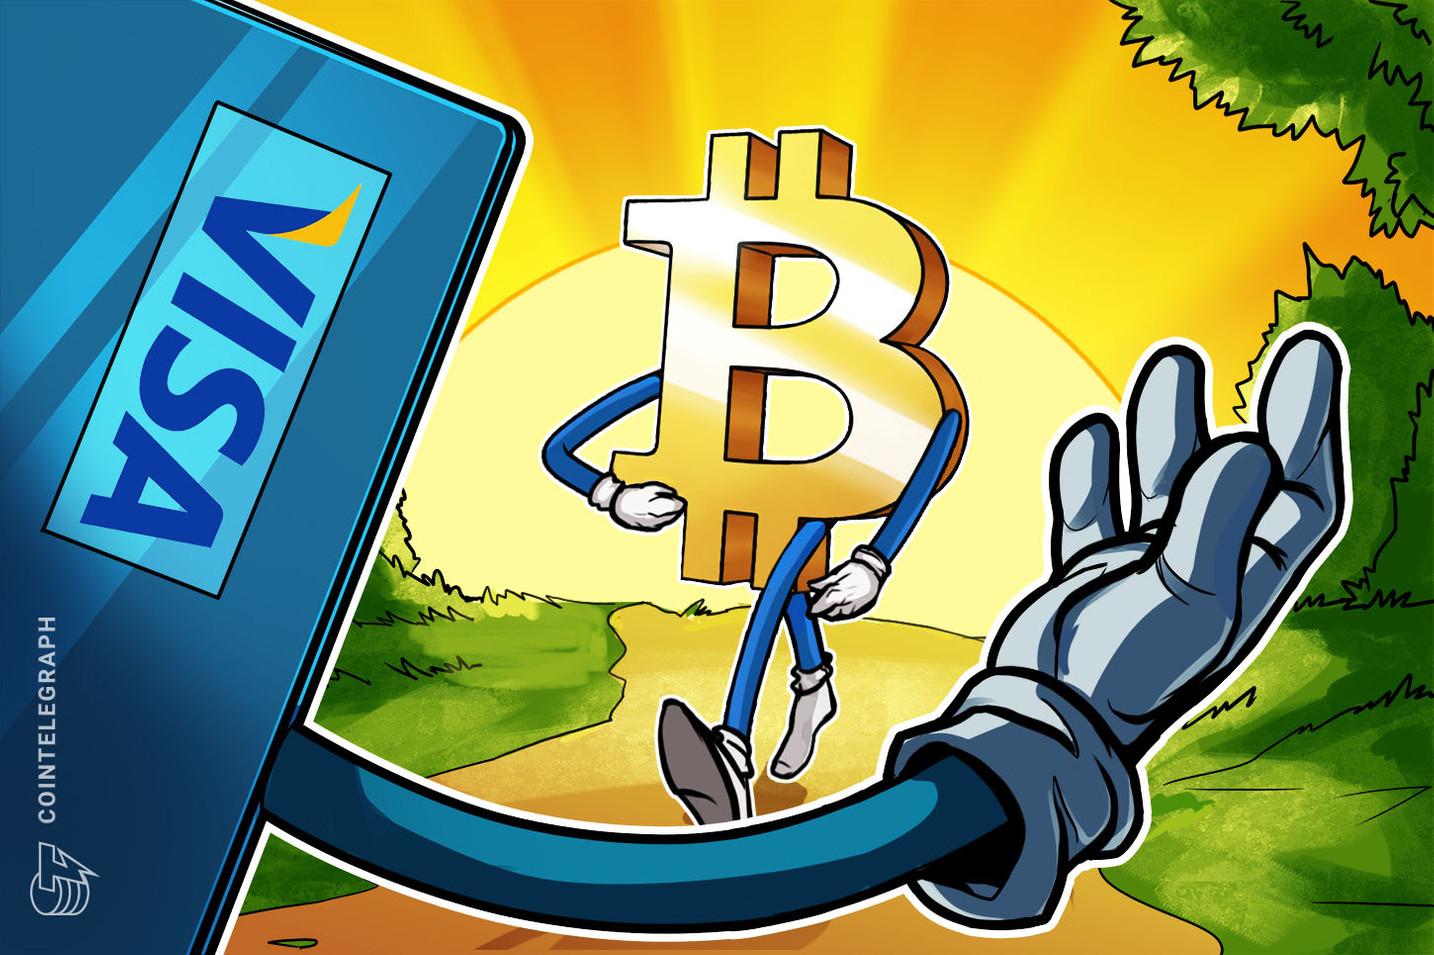 Visa aprova cartão de gastos com Bitcoin para a startup australiana CryptoSpend